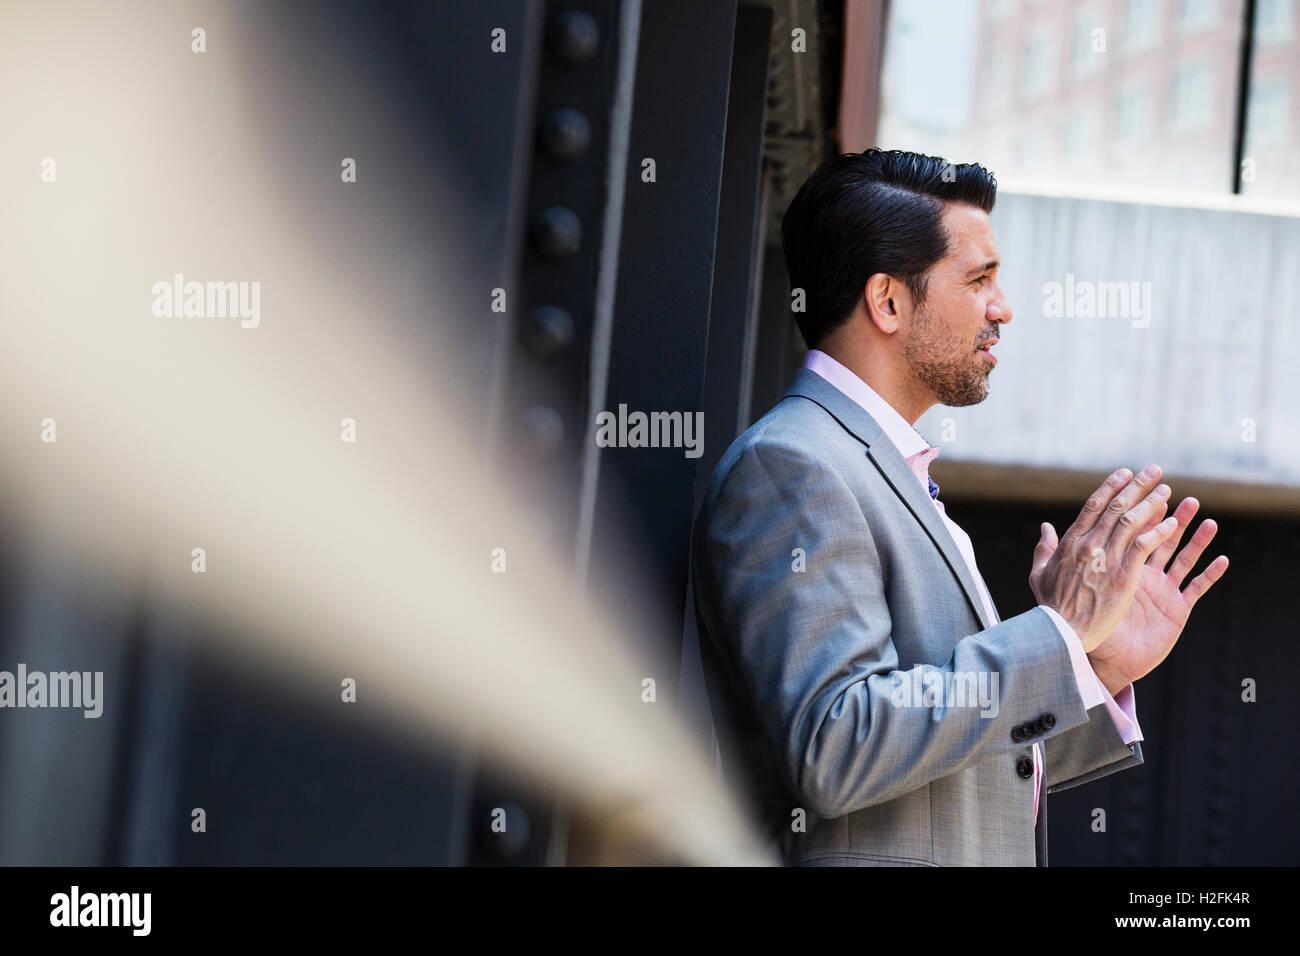 Empresario un traje gris de pie afuera, hablando y gesticulando con las manos levantadas. Foto de stock